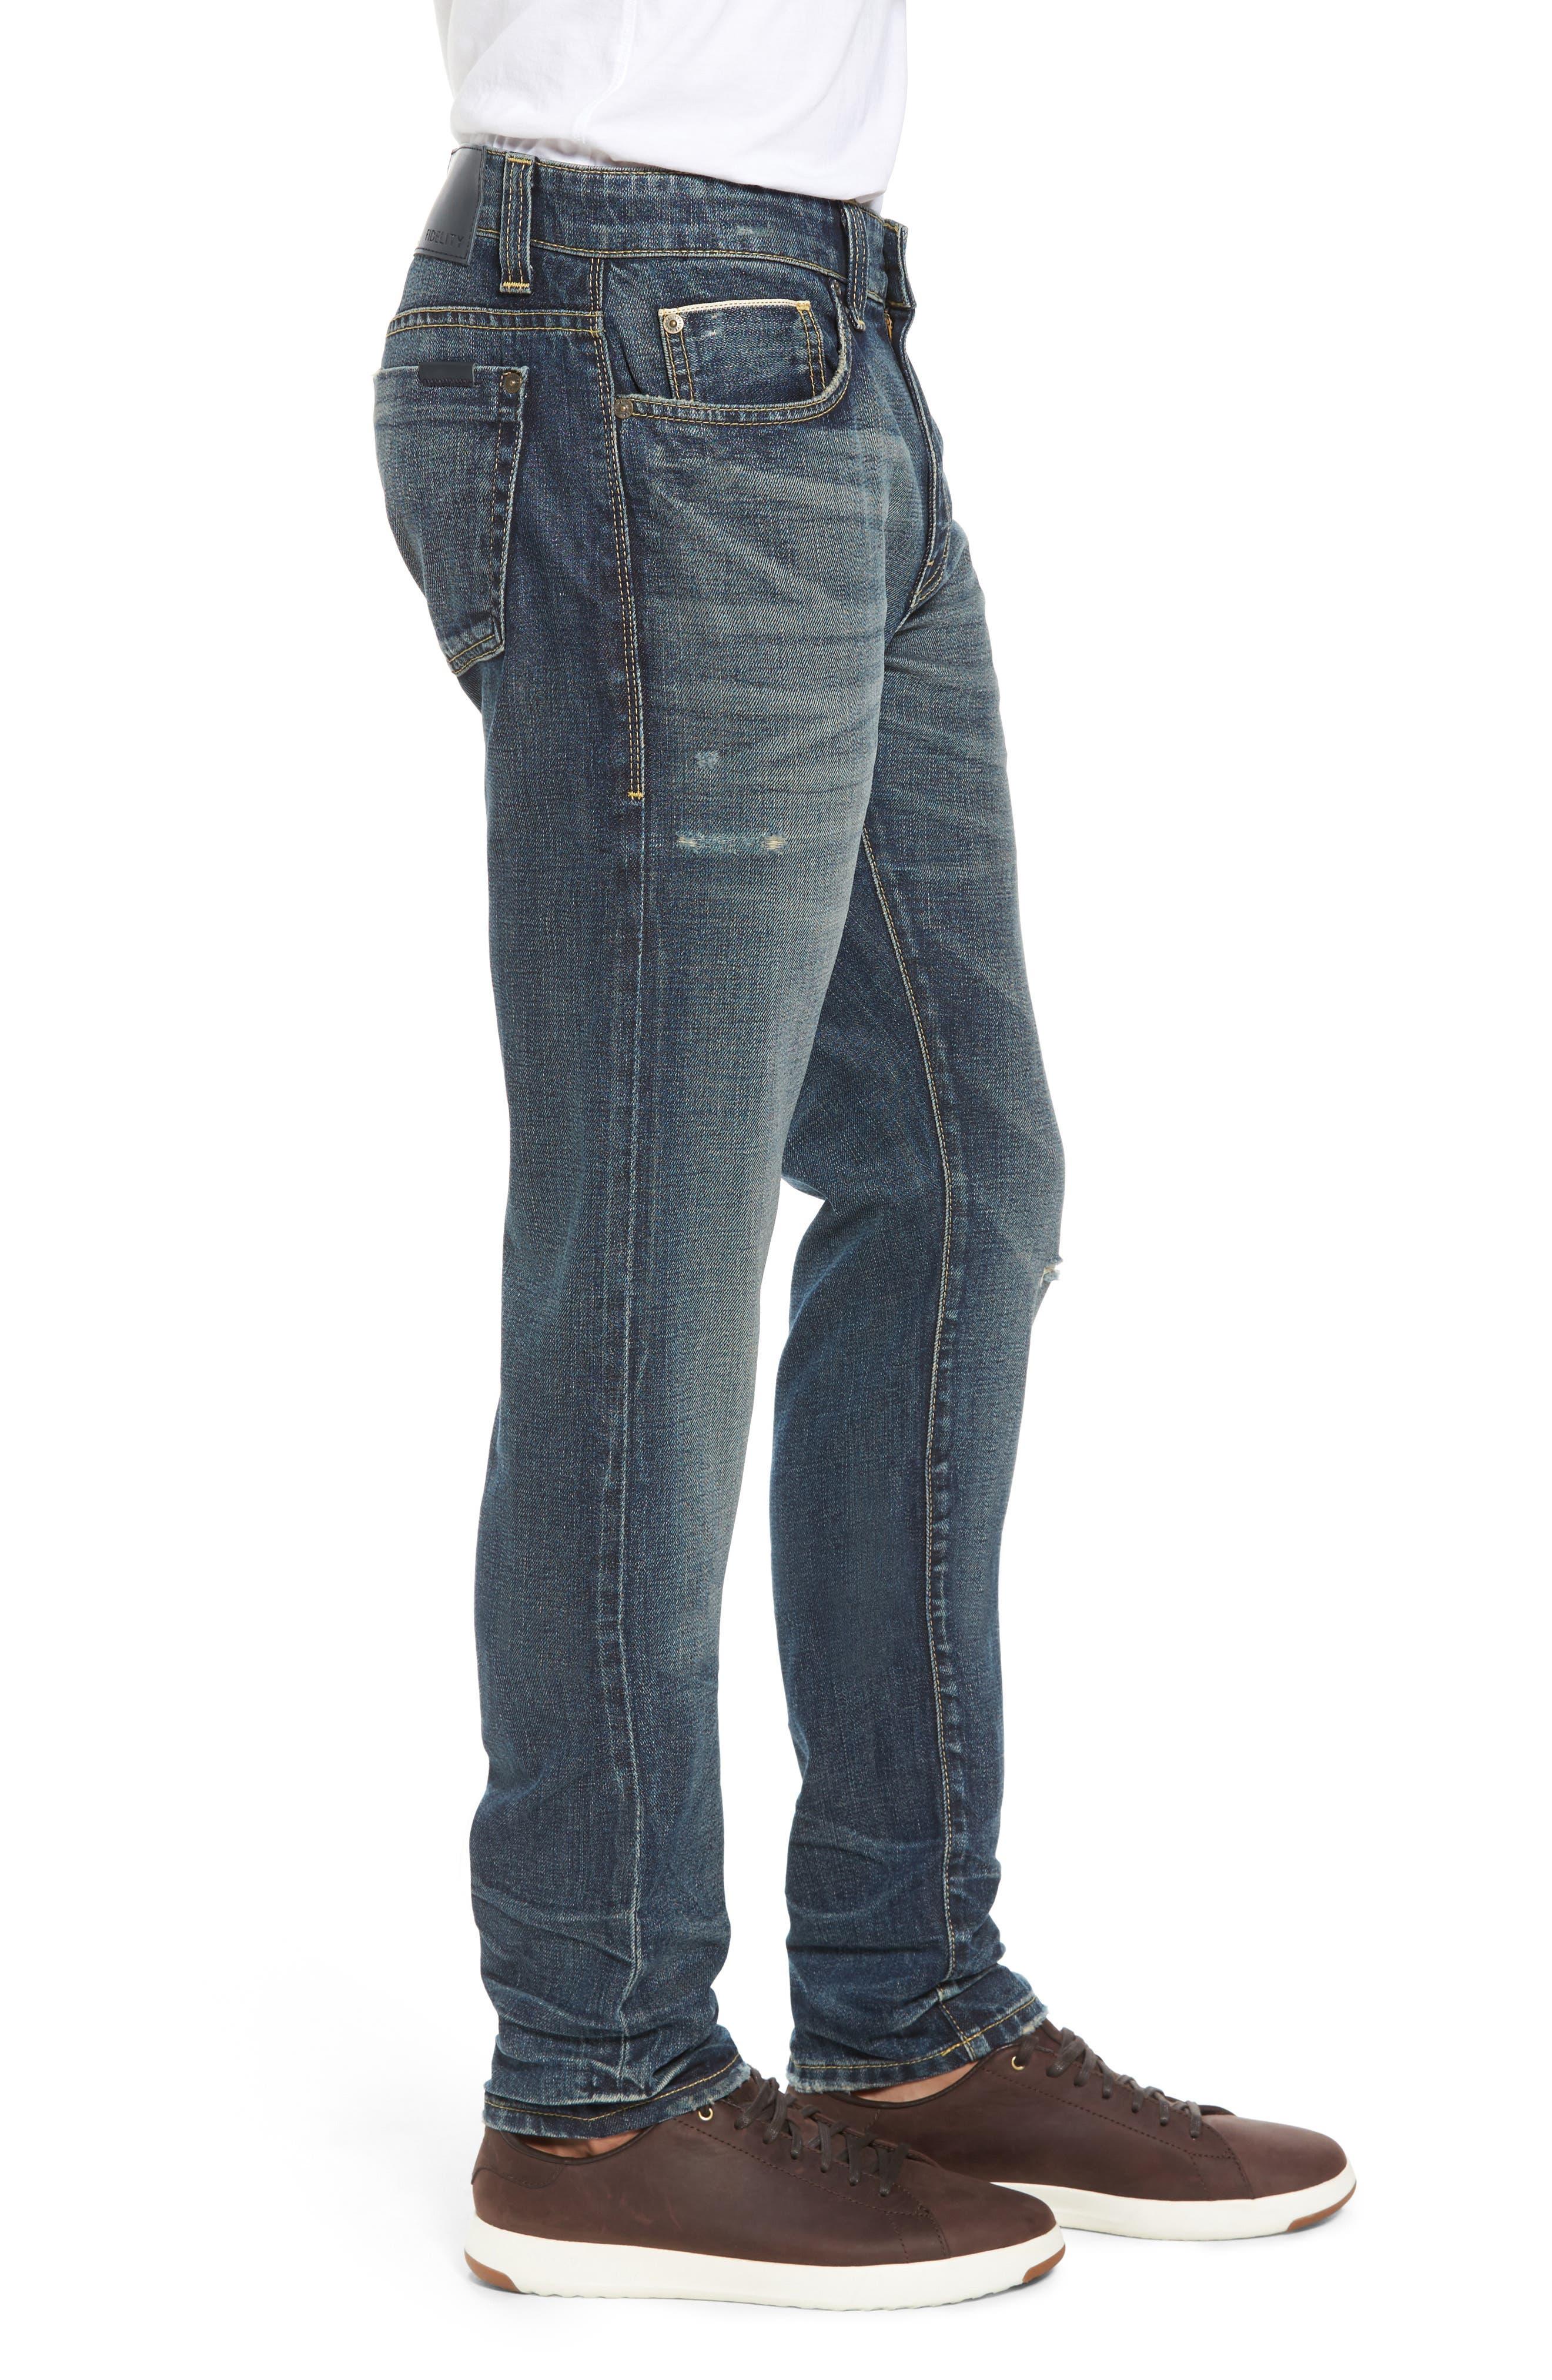 Fideltiy Denim Torino Slim Fit Jeans,                             Alternate thumbnail 3, color,                             400